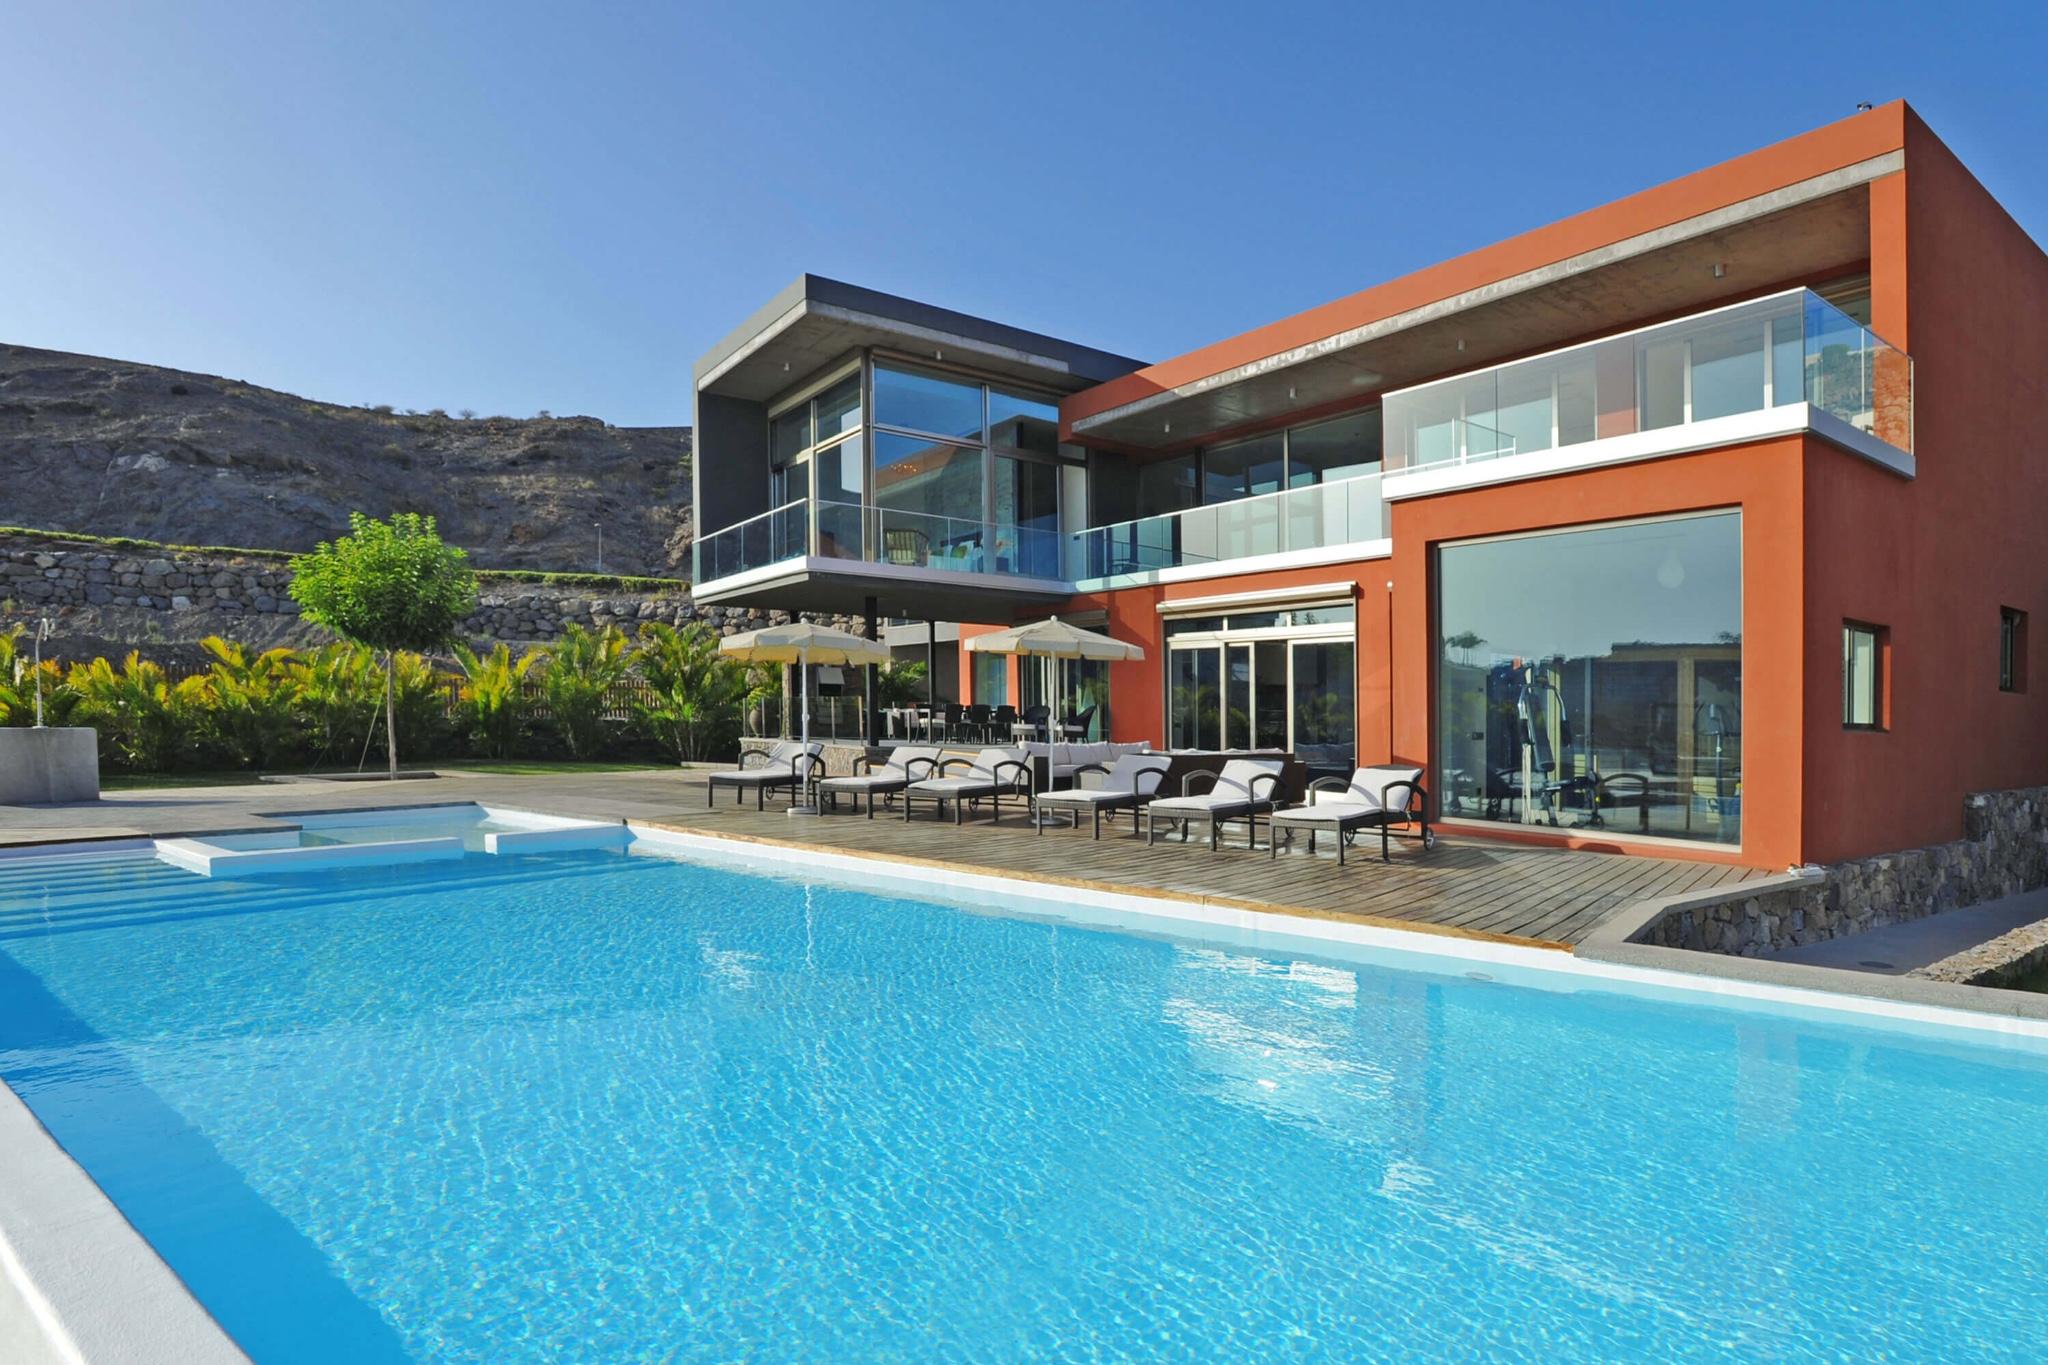 Luxusvilla mit 4 Schlafzimmern direkt am Golfplatz mit schön dekorierten Zimmern, Fitnessraum, Sauna und Schwimmbad